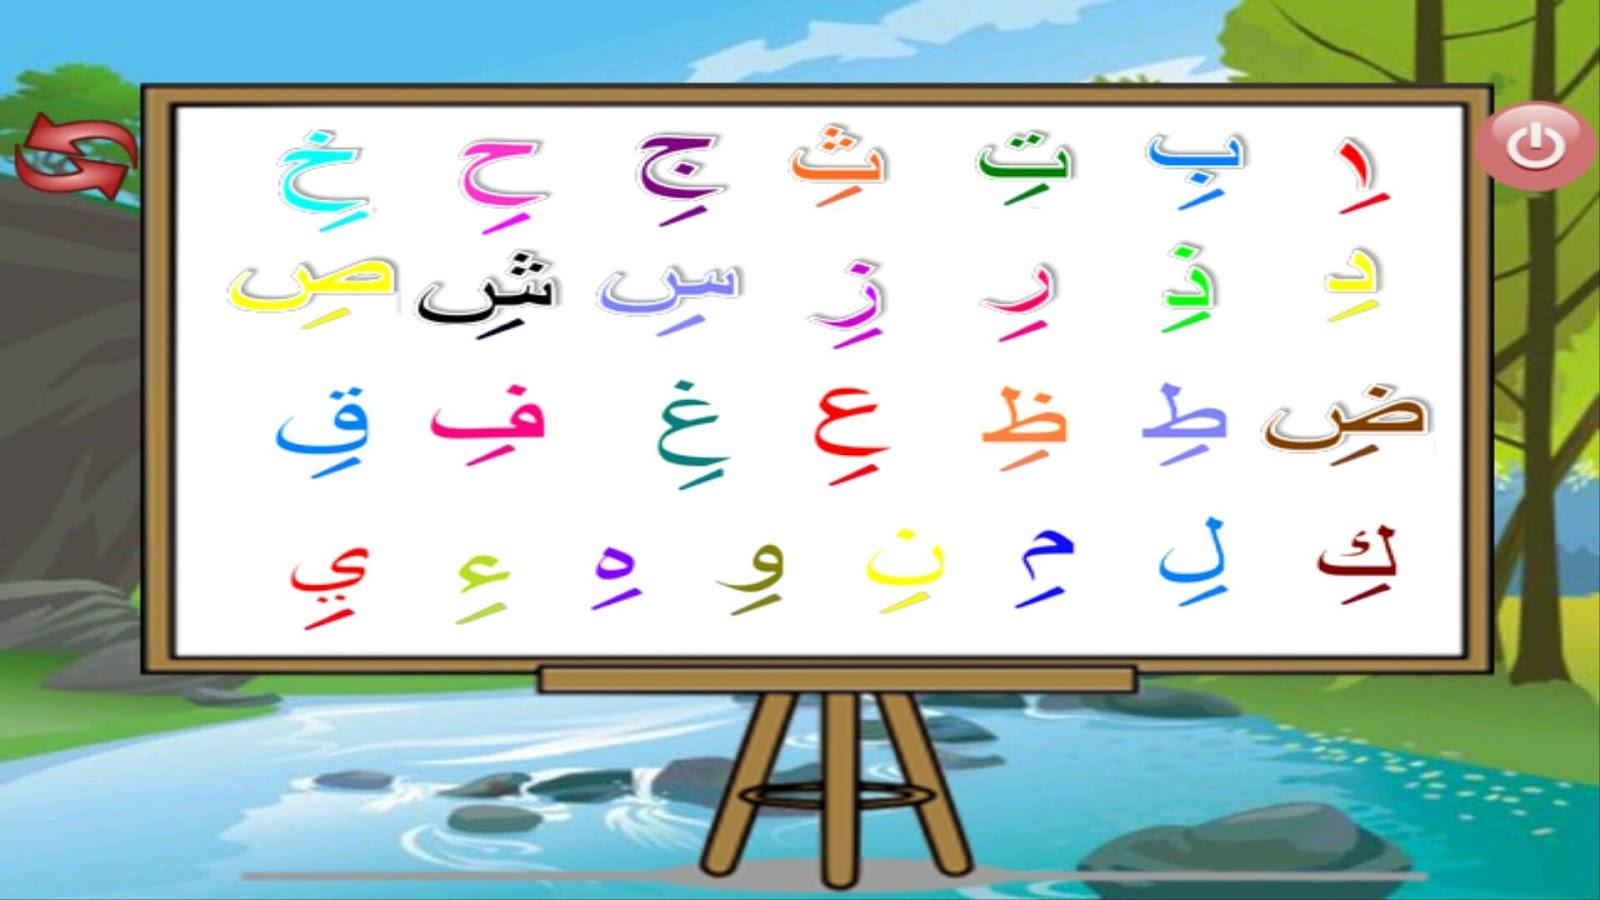 Belajar Iqro Apl Android Di Google Play